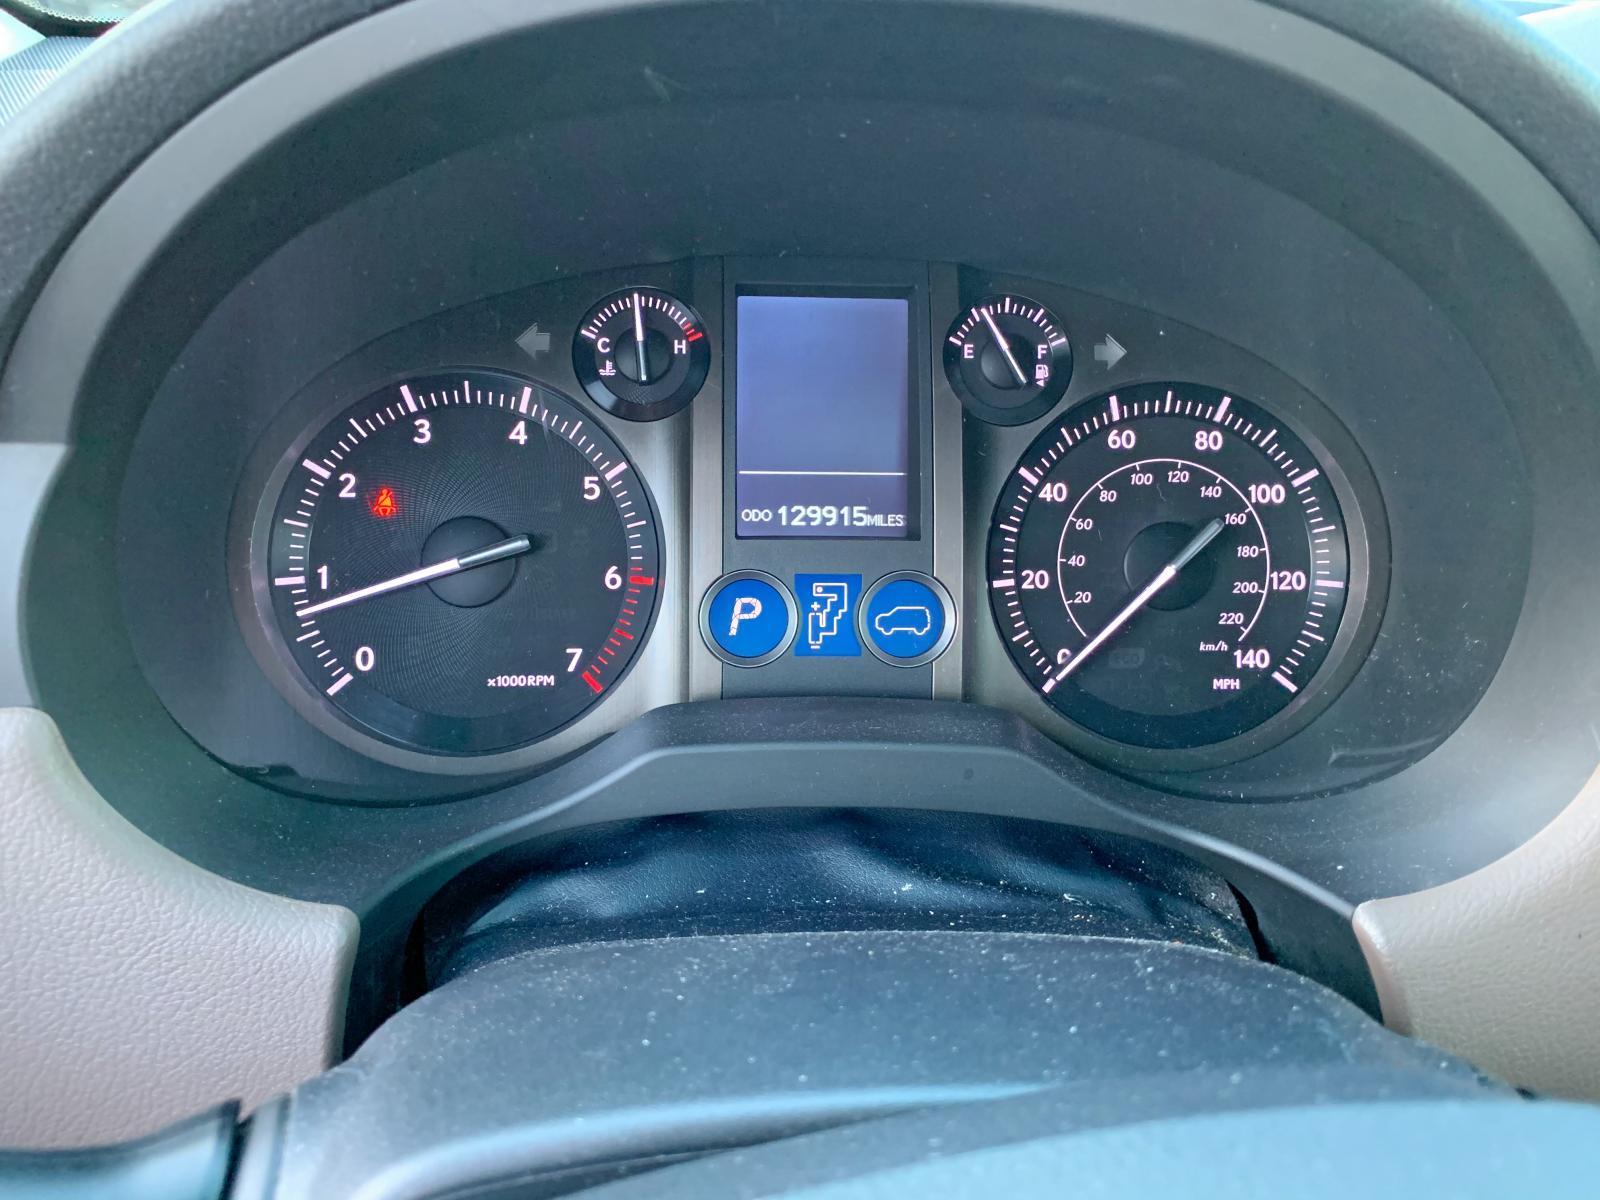 JTJBM7FX7D5058879 - 2013 Lexus Gx 4.6L inside view